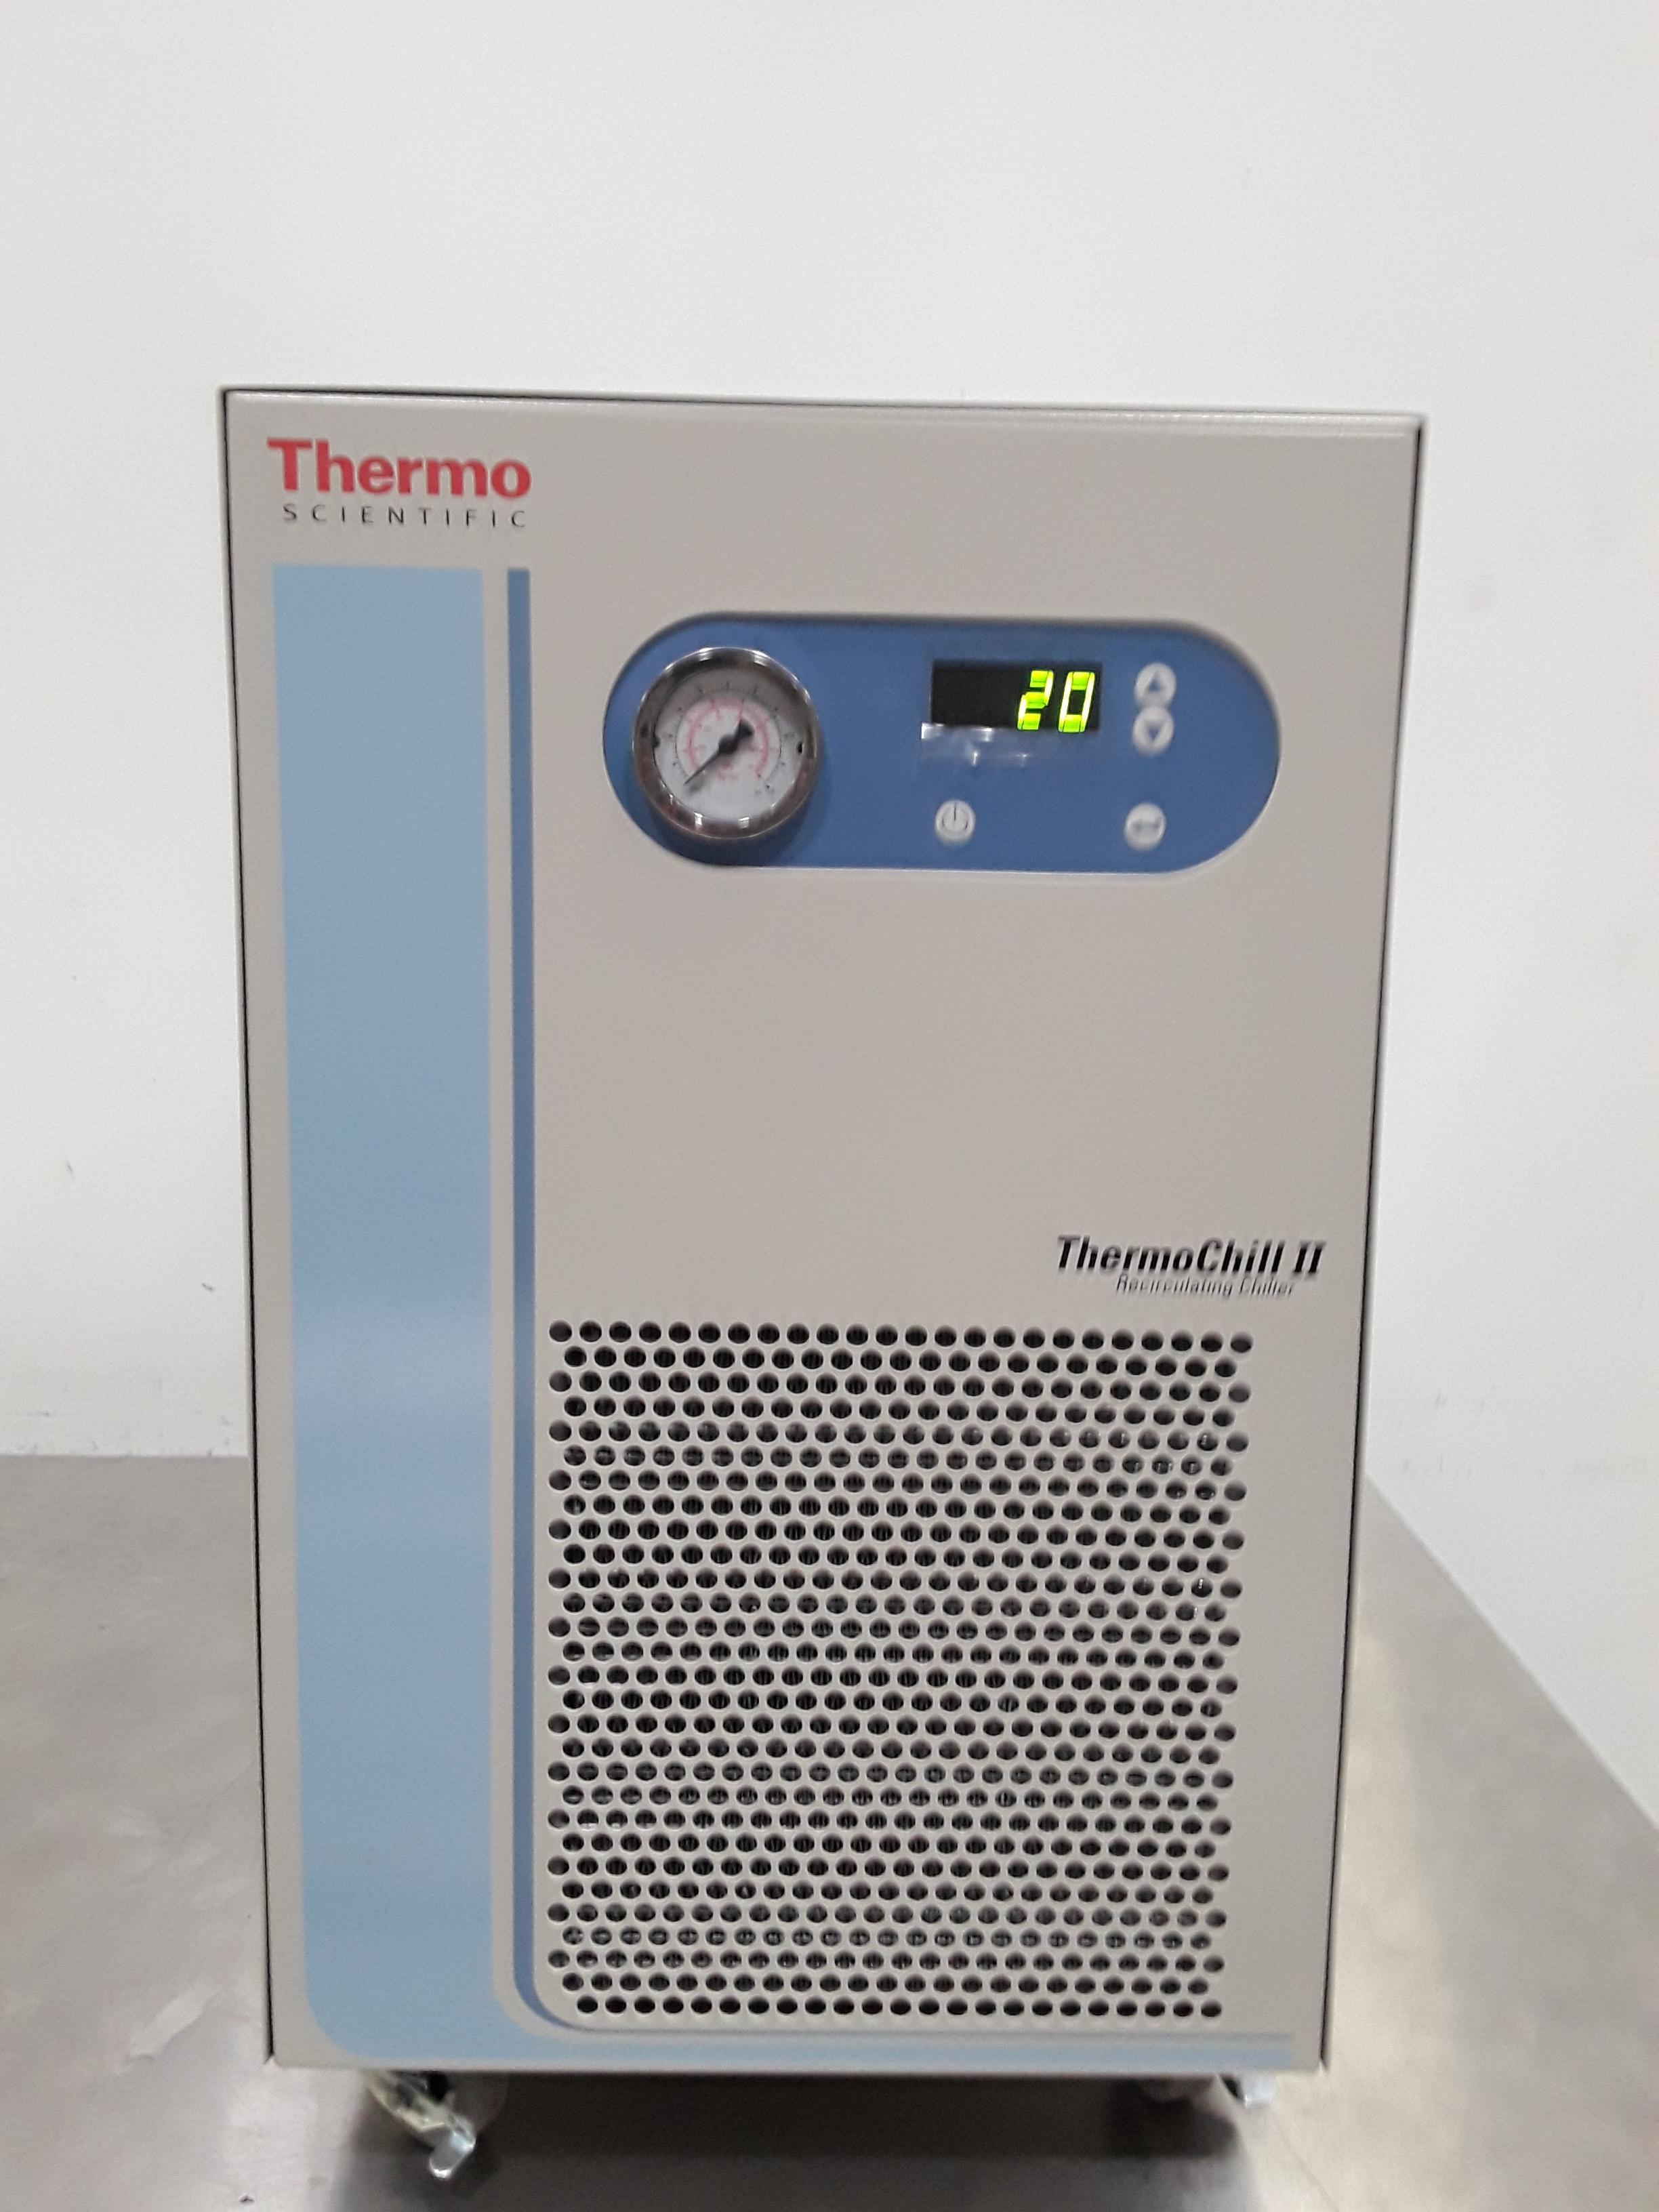 Image THERMO SCIENTIFIC ThermoChill II Recirculating Chiller 1420070